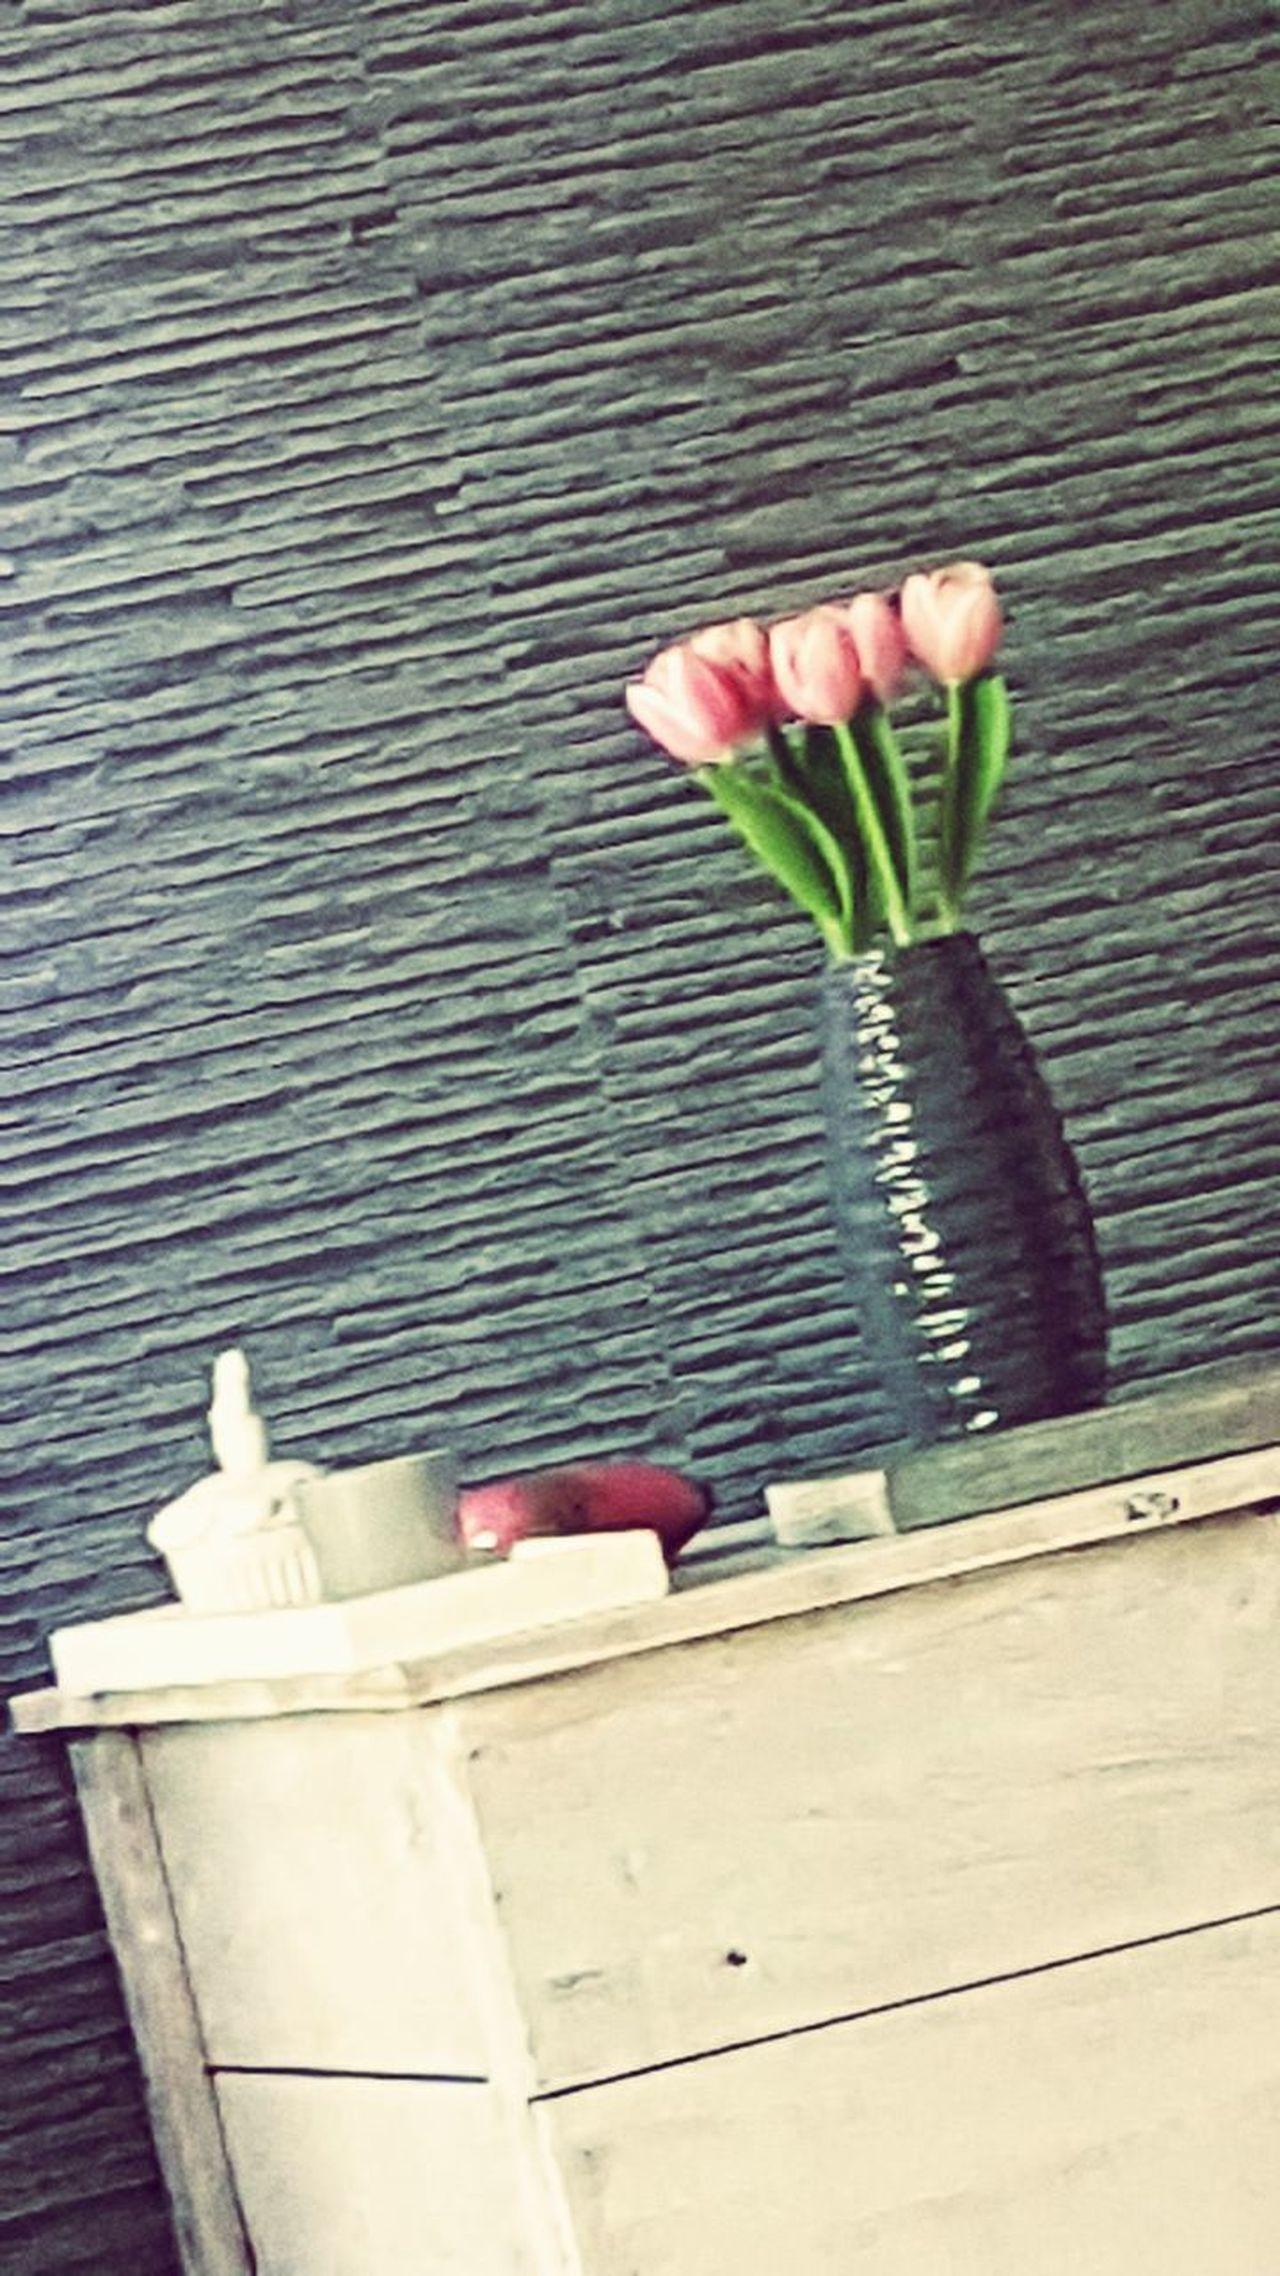 Flowers Springtime Growing Flower Plant No People Tranquility Beauty In Nature EyeEm Nature Lover EyeEmbestshots EyeEm Best Shots Millennial Pink